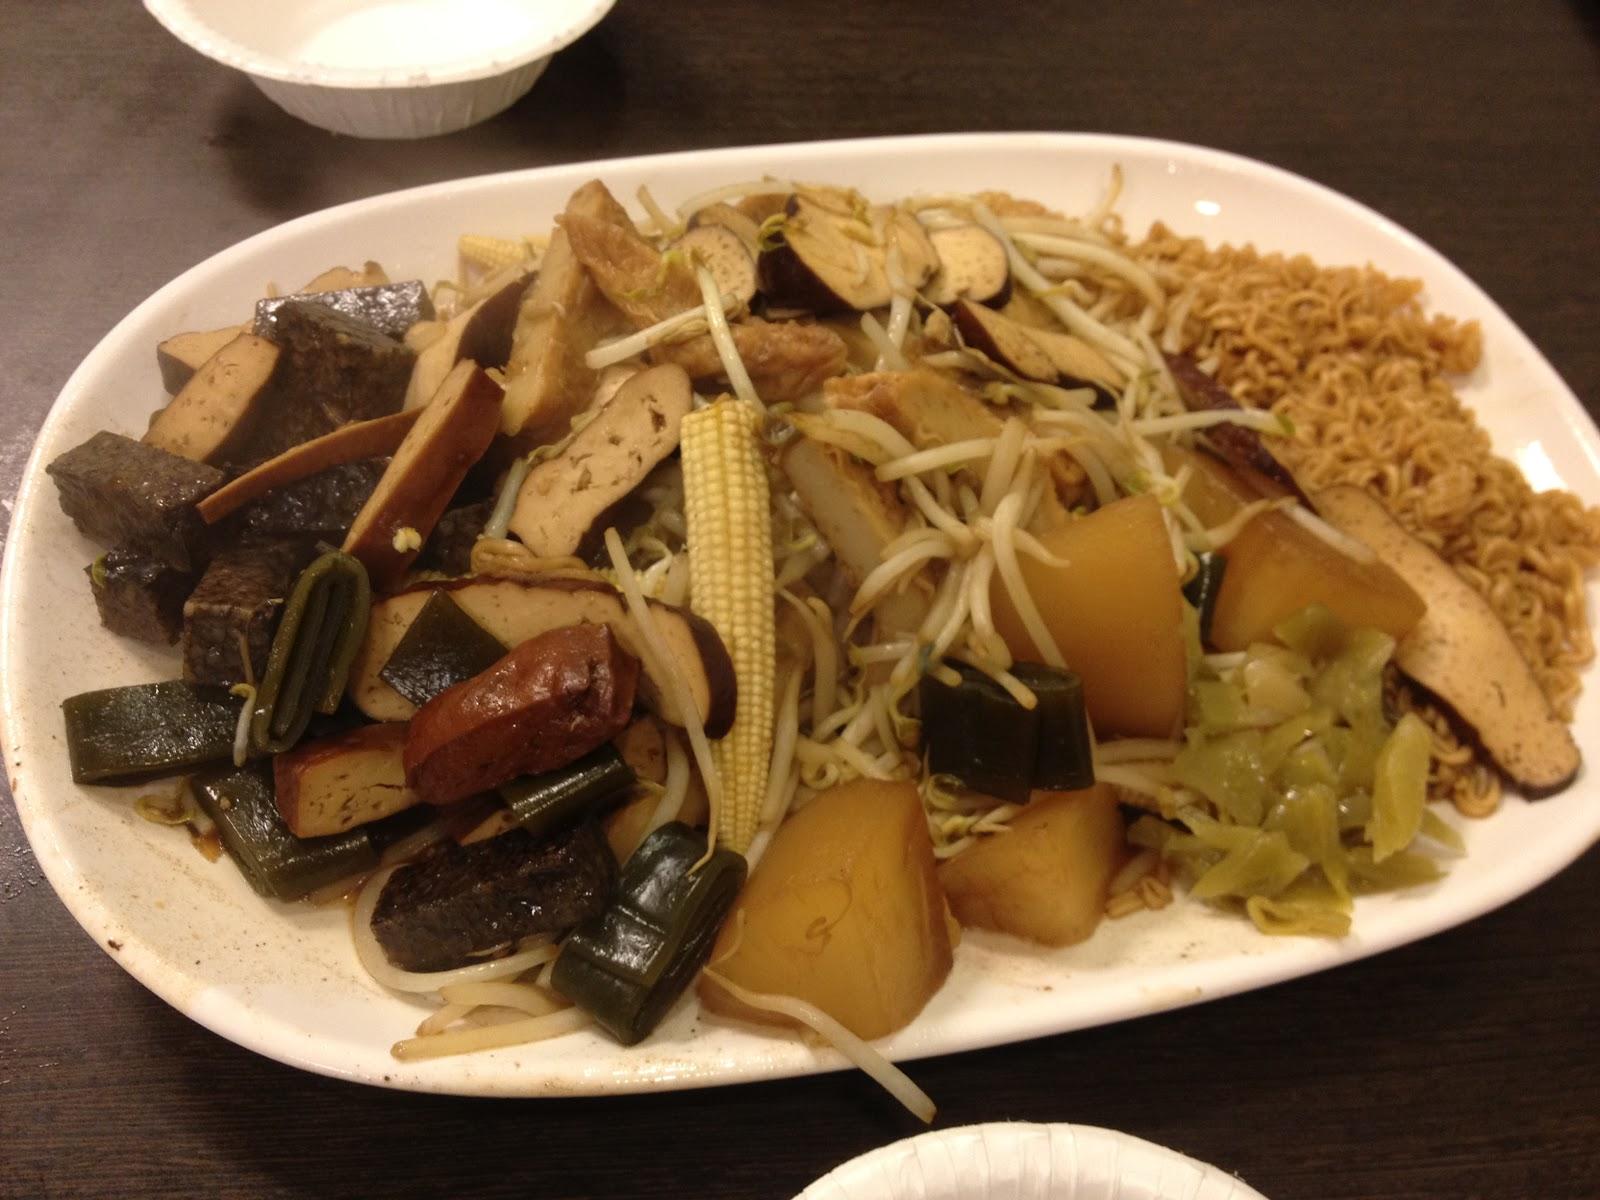 臺北好吃的滷味| - 綠蟲網 - BidWiperShare.com